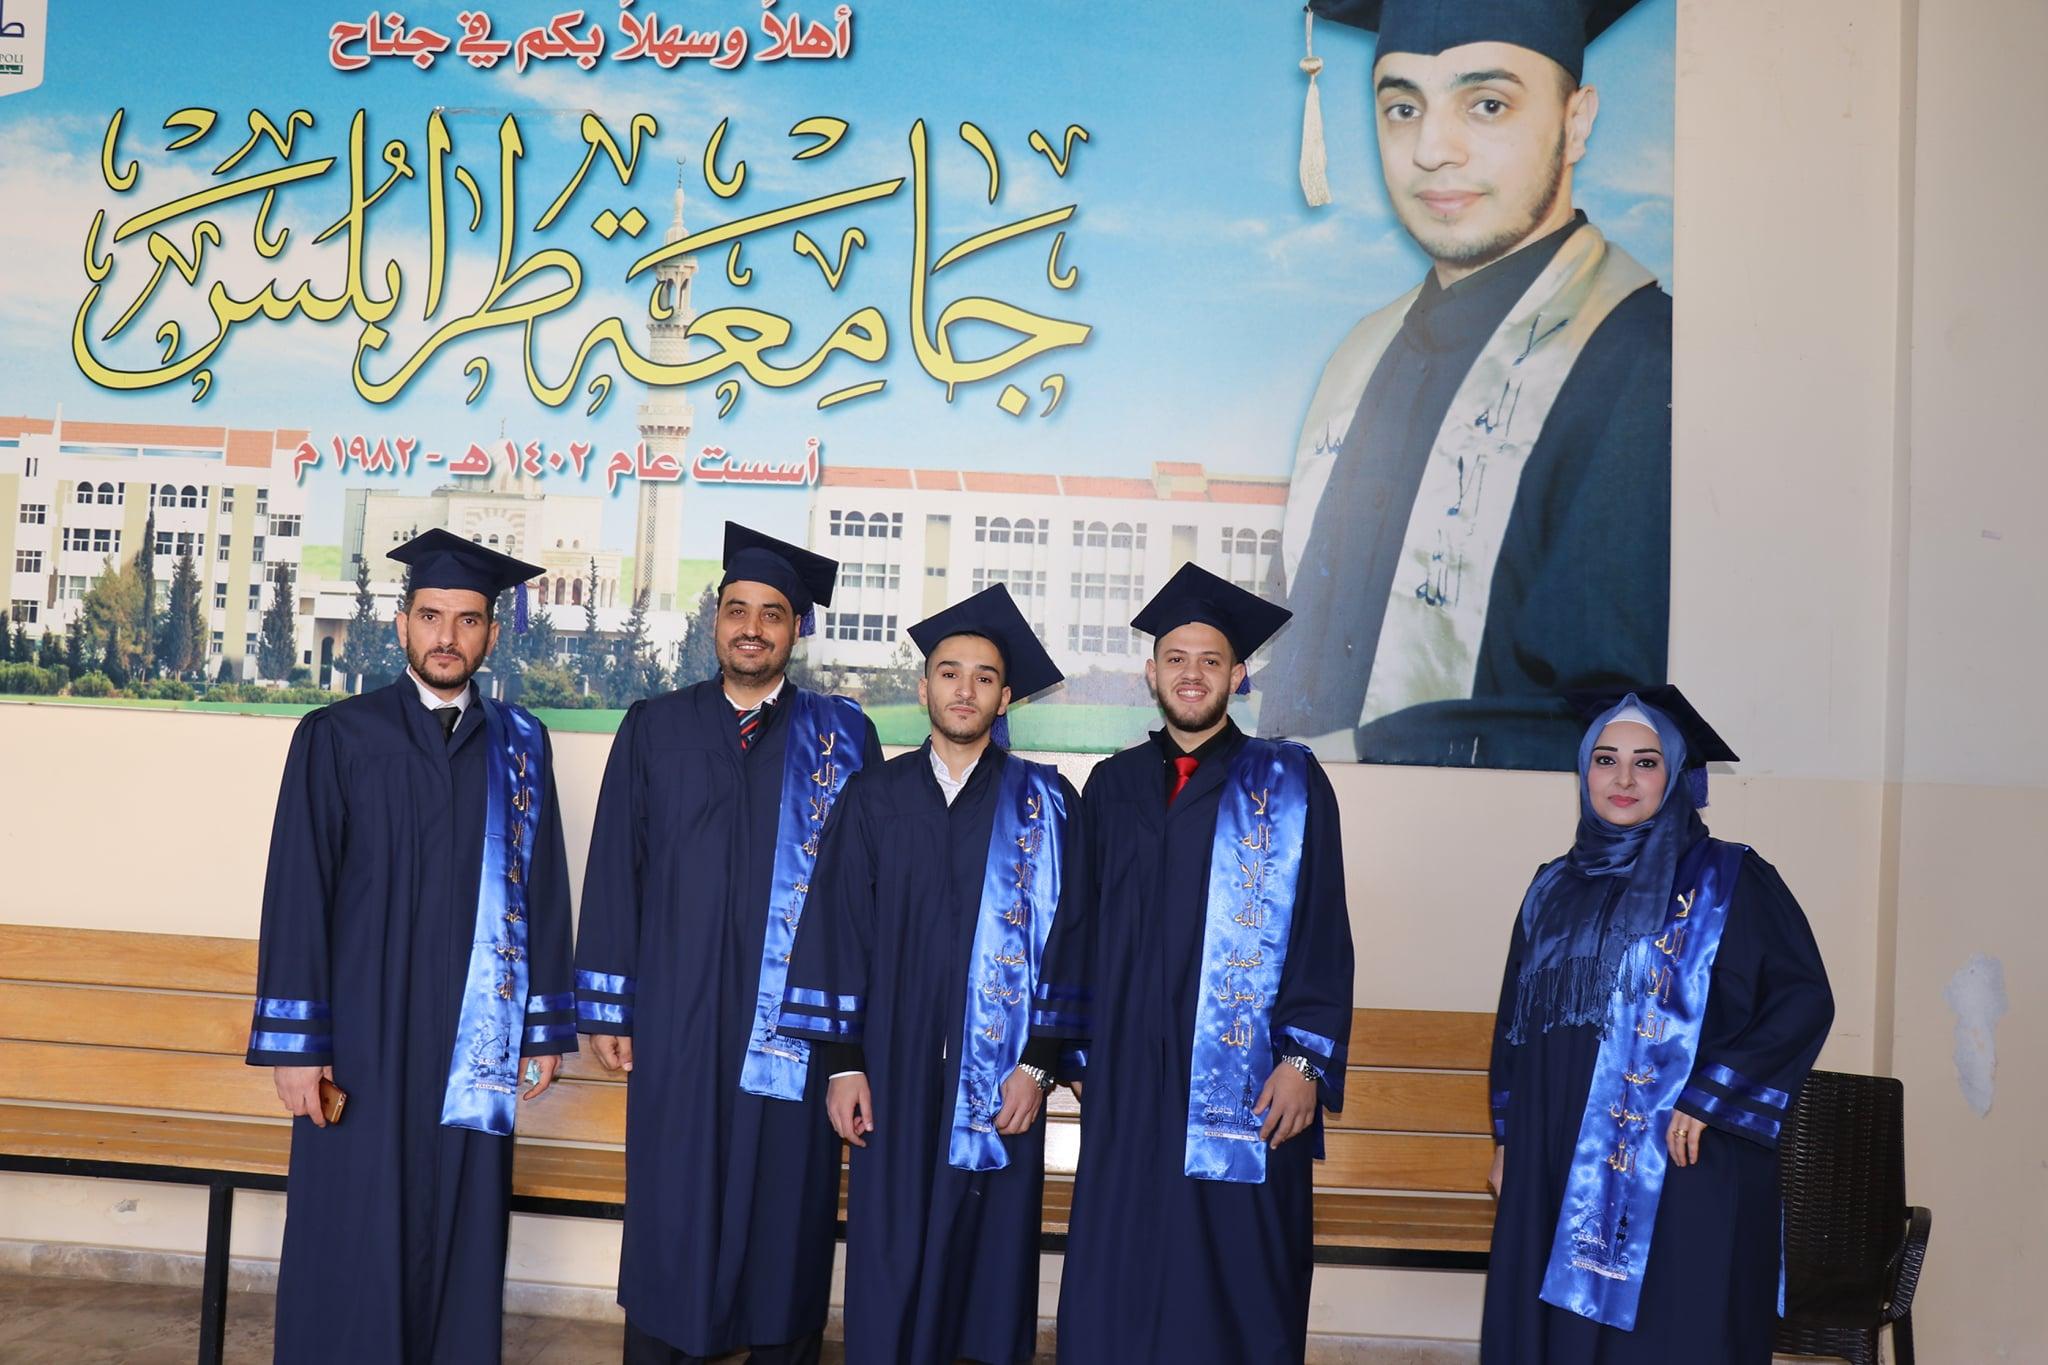 حفل تصويري لخريجي طلاب كلية إدارة الأعمال في جامعة طرابلس (4/7)